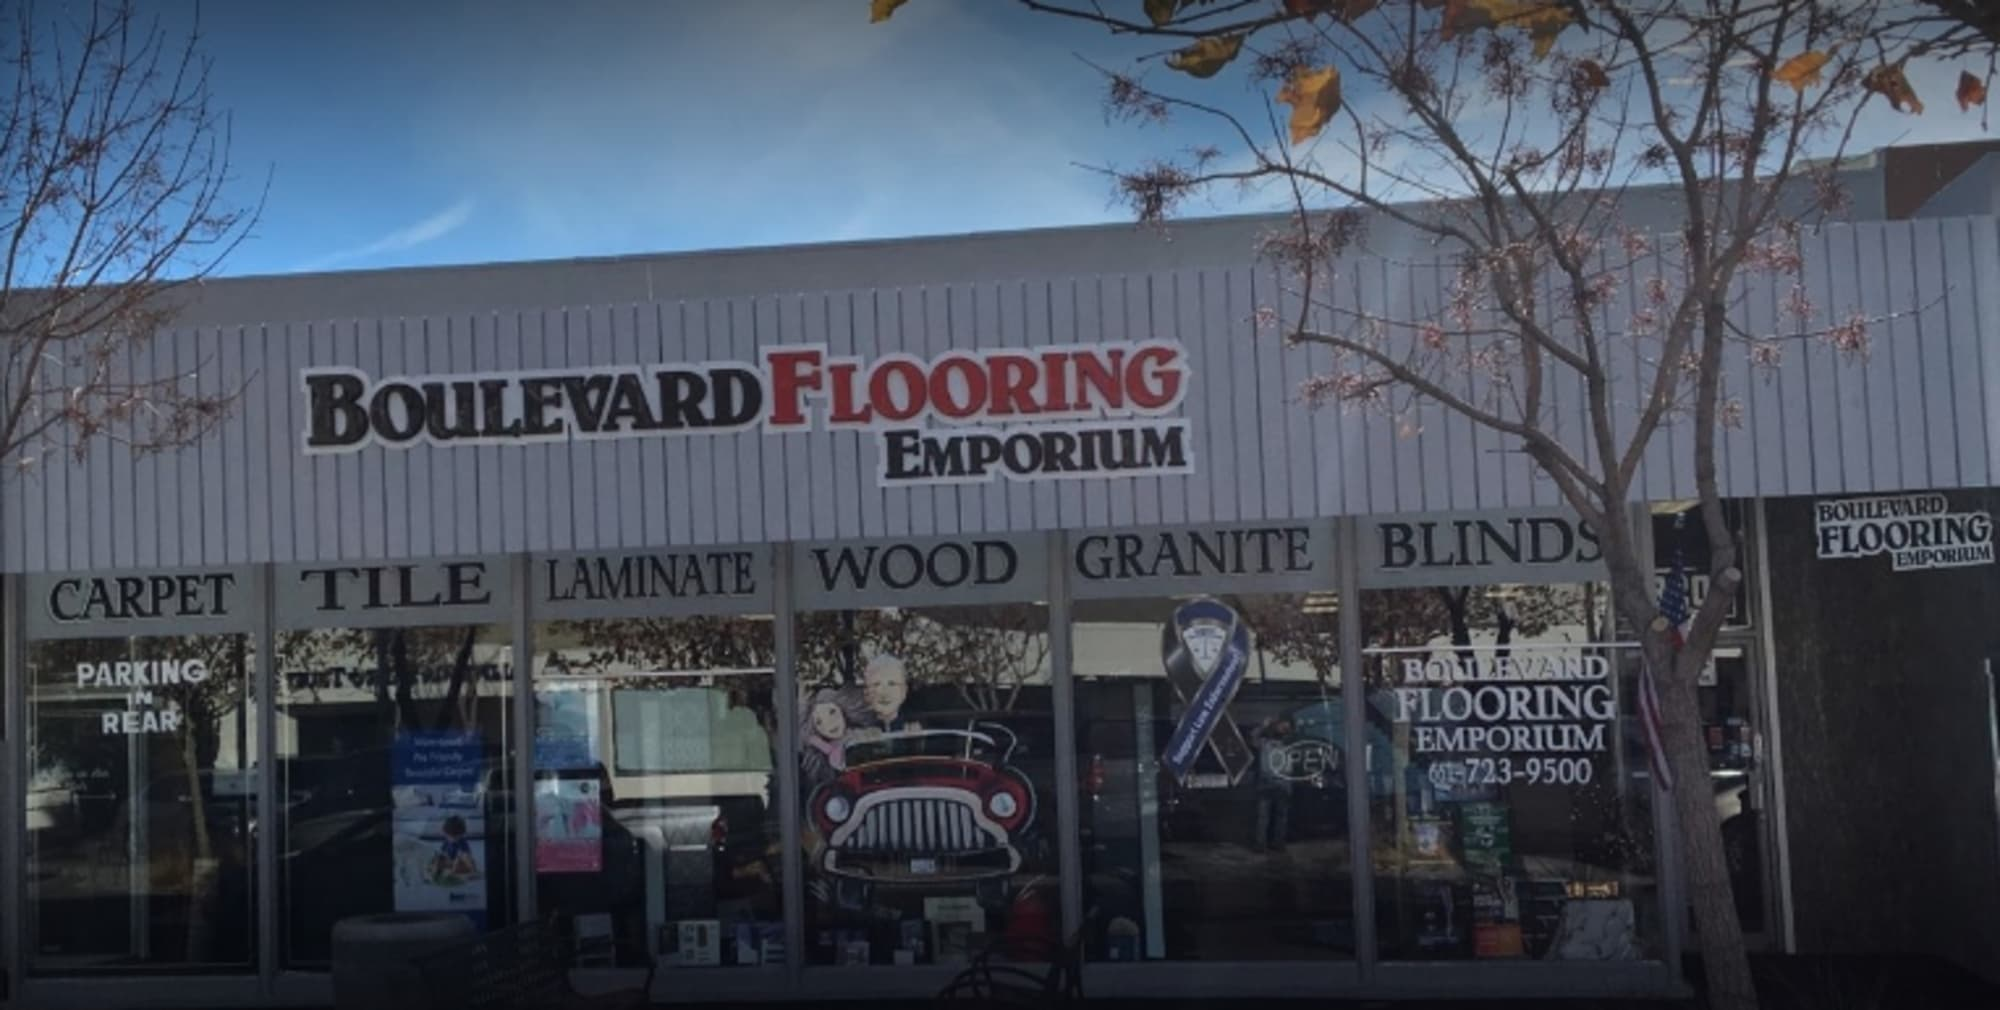 Boulevard Flooring Emporium - 820 W Lancaster Blvd Lancaster, CA 93534